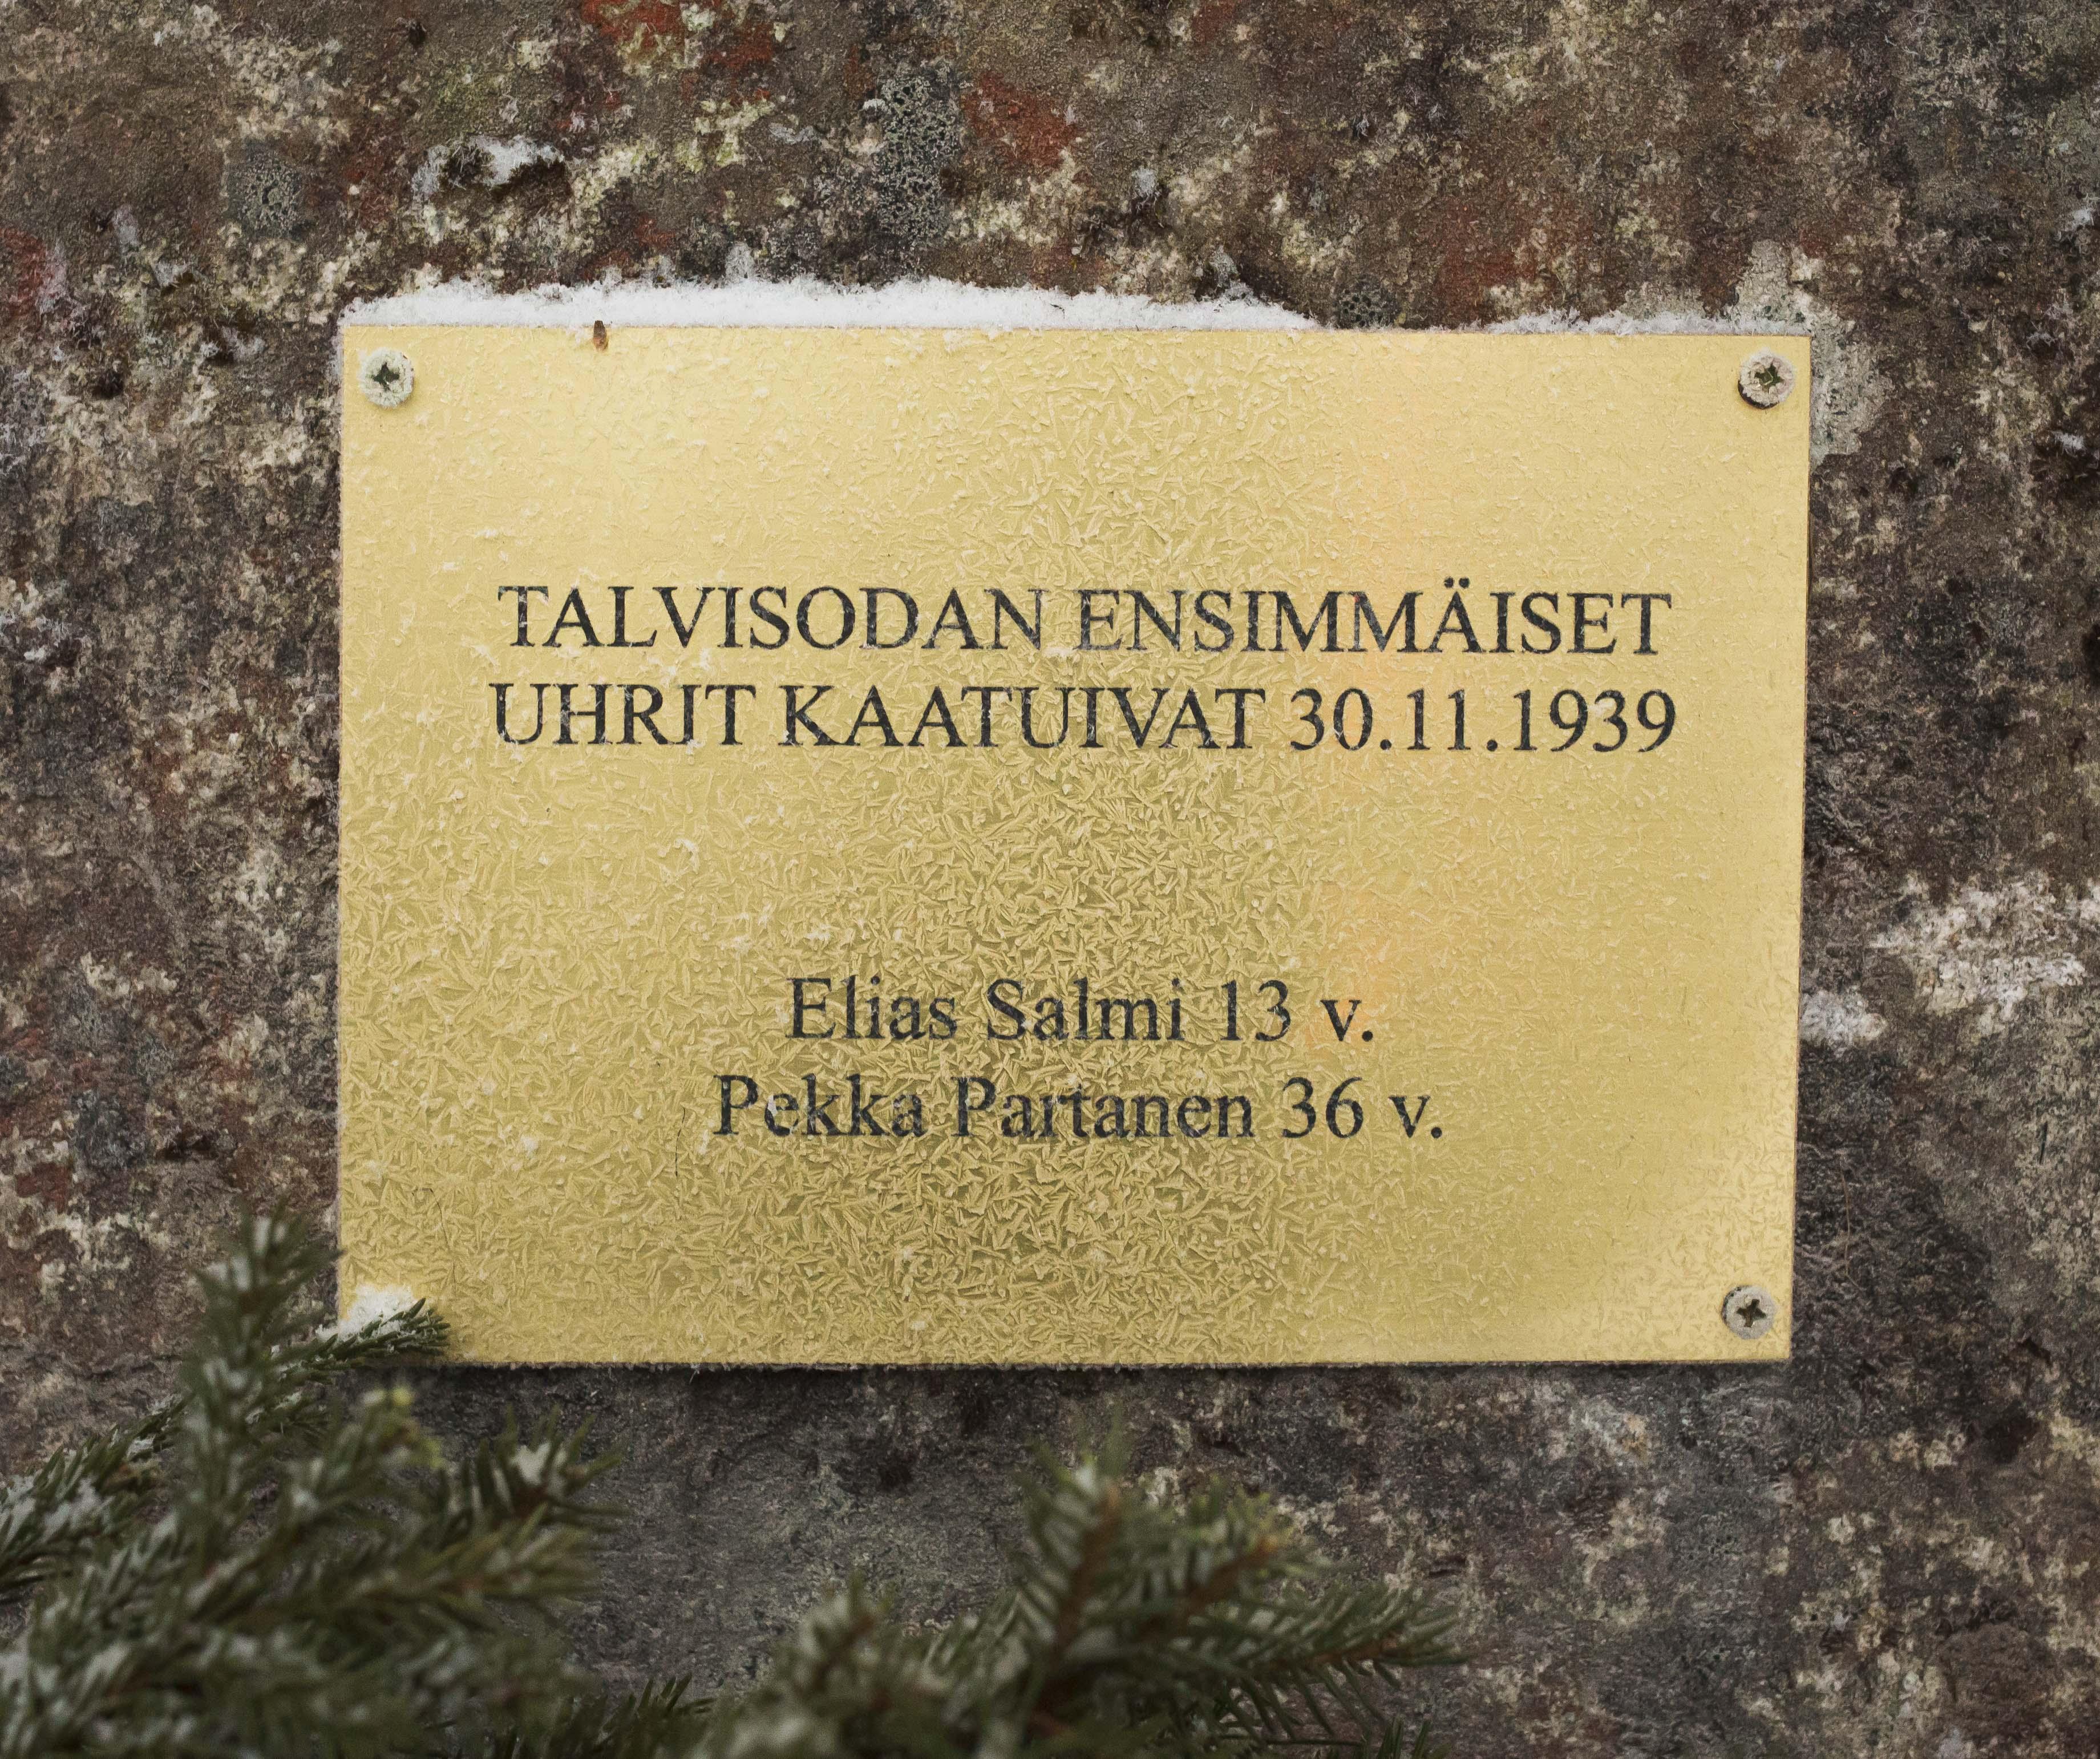 Hattuselkosen 30.11.2016 paljastettu muistomerkki.